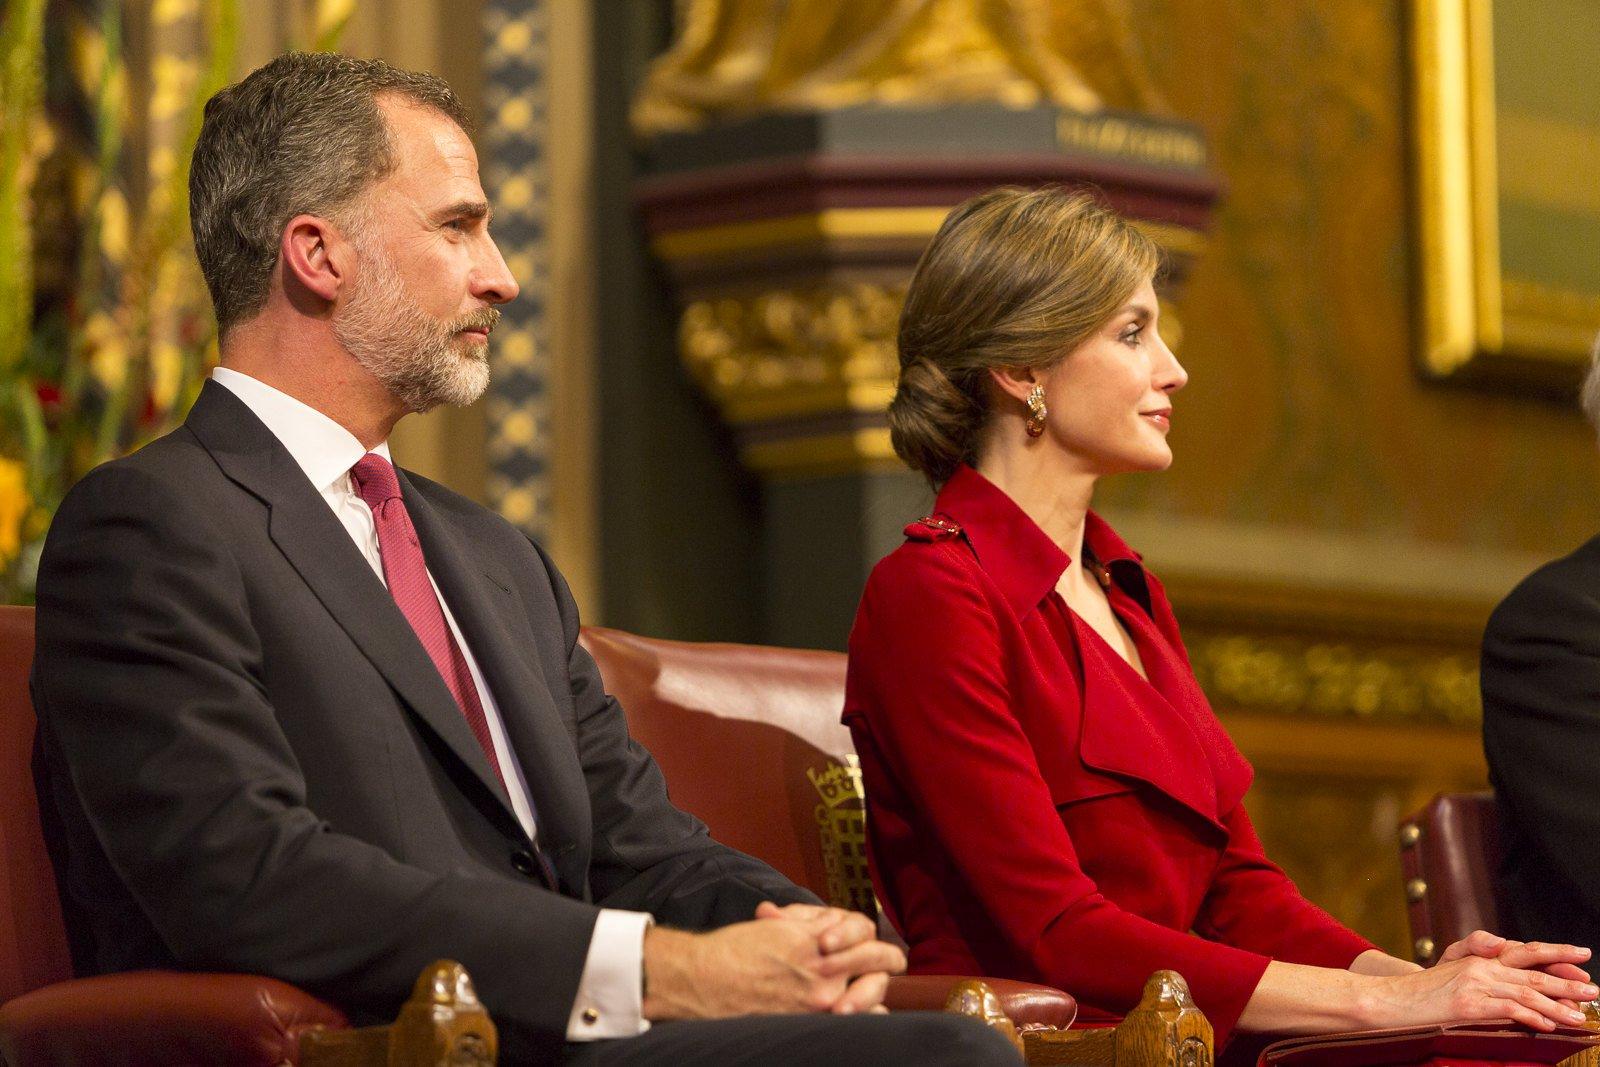 El rey Felipe VI y la reina Letizia de España en el discurso del rey al Parlamento en la Cámara de los Lores.   Foto: Flickr